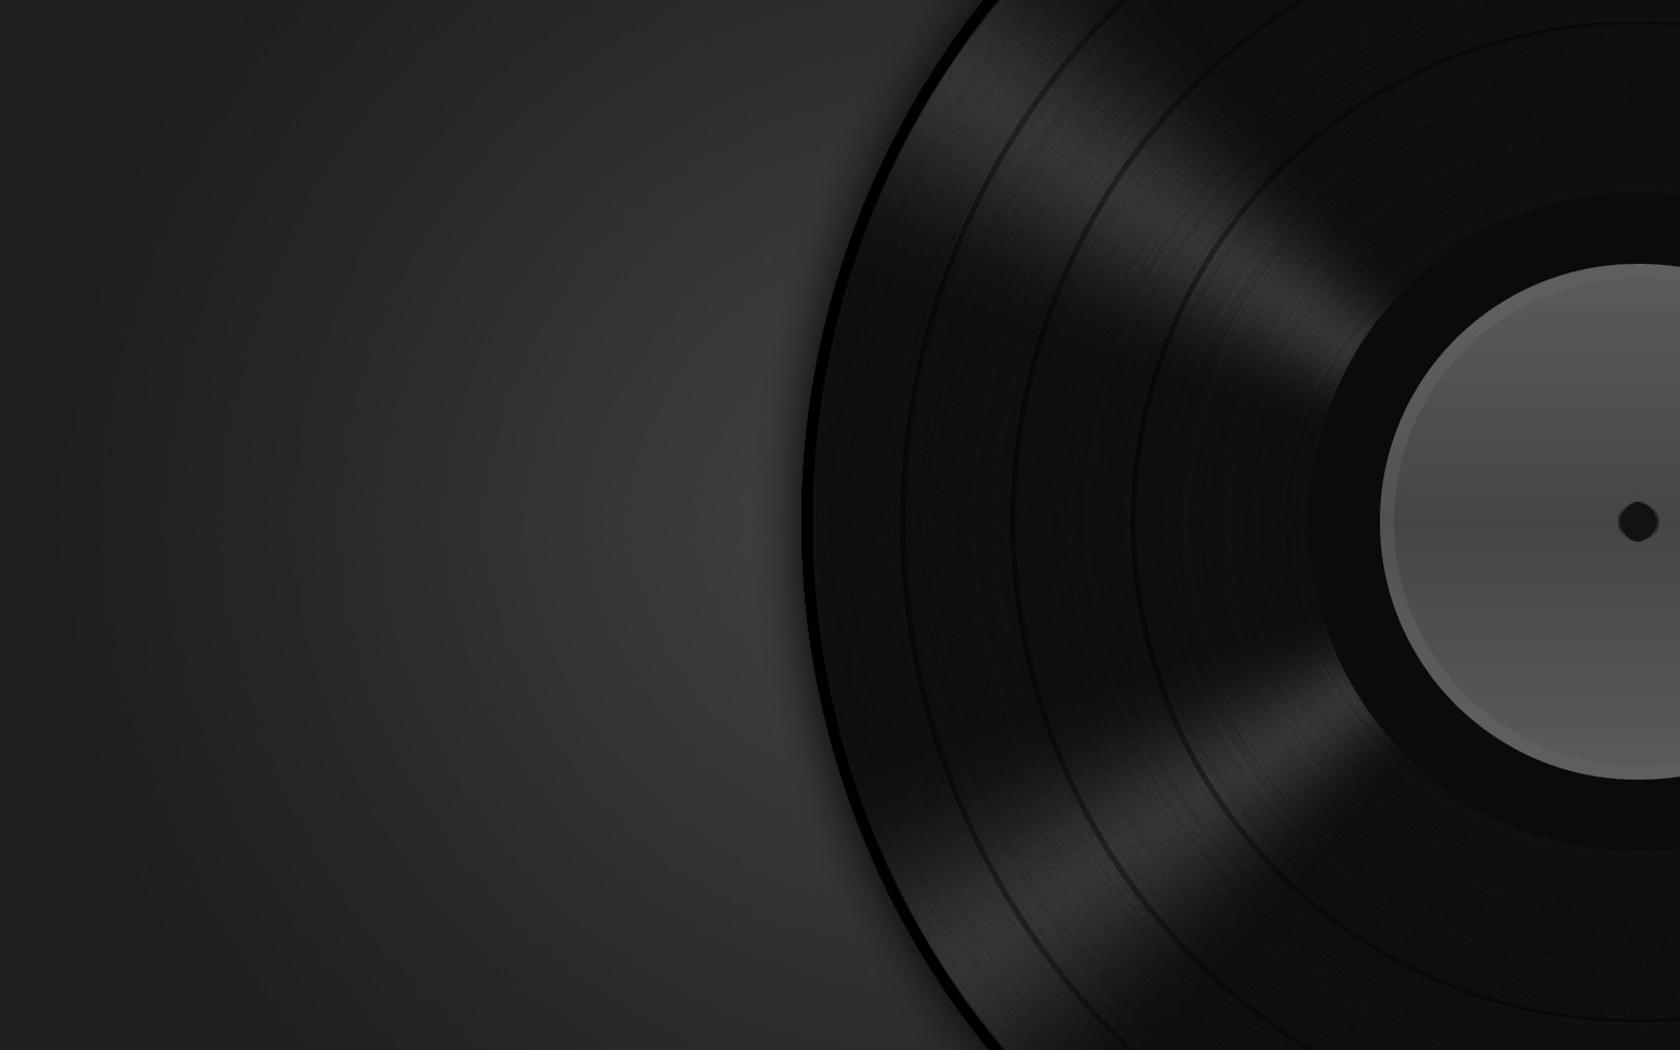 music wallpaper 41678 1680x1050 px ~ hdwallsource